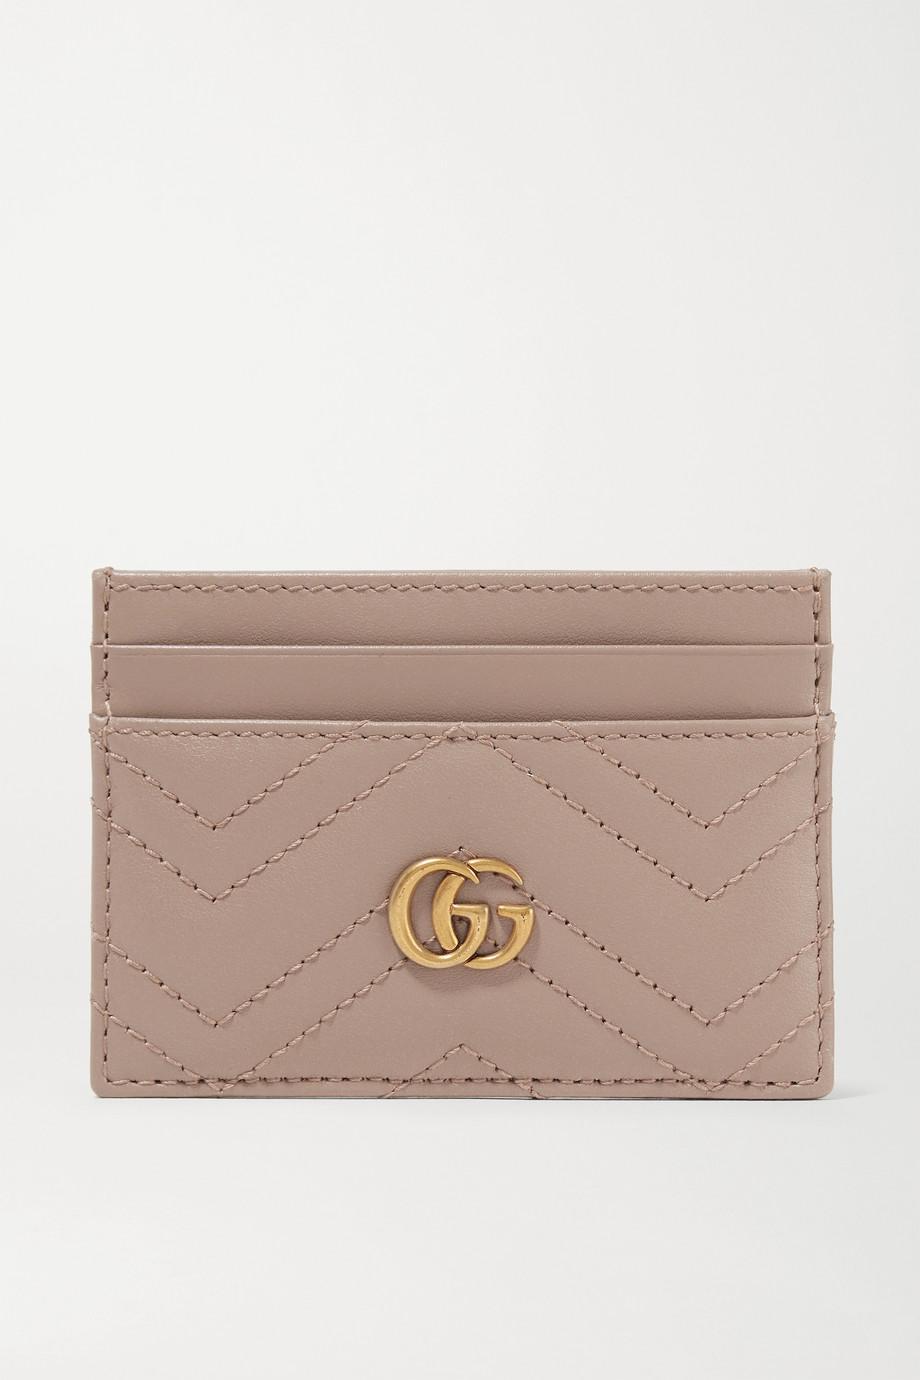 Gucci Porte-cartes en cuir matelassé GG Marmont